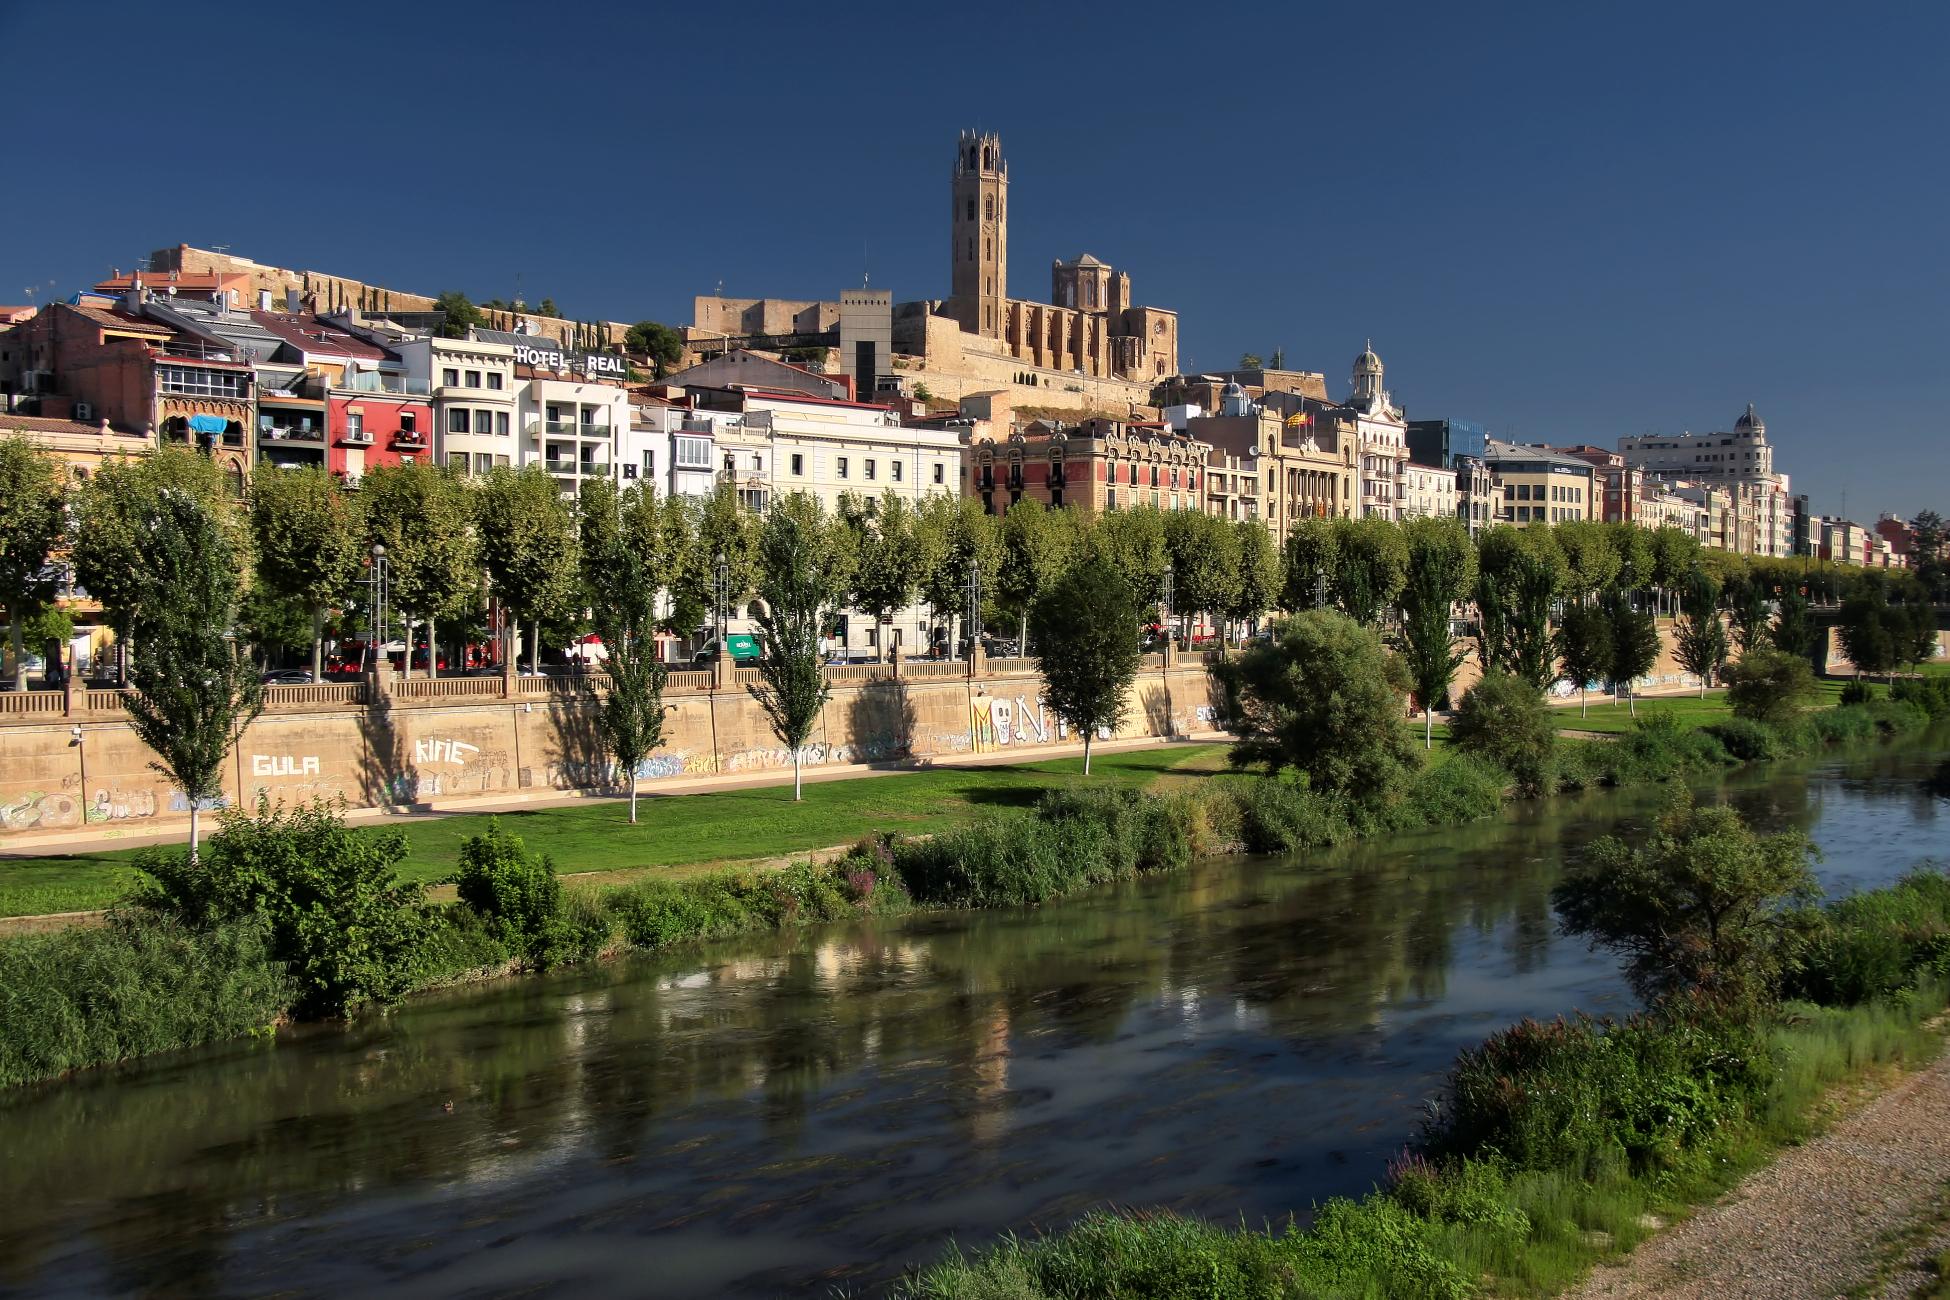 File:Lérida rio Segre.jpg - Wikimedia Commons